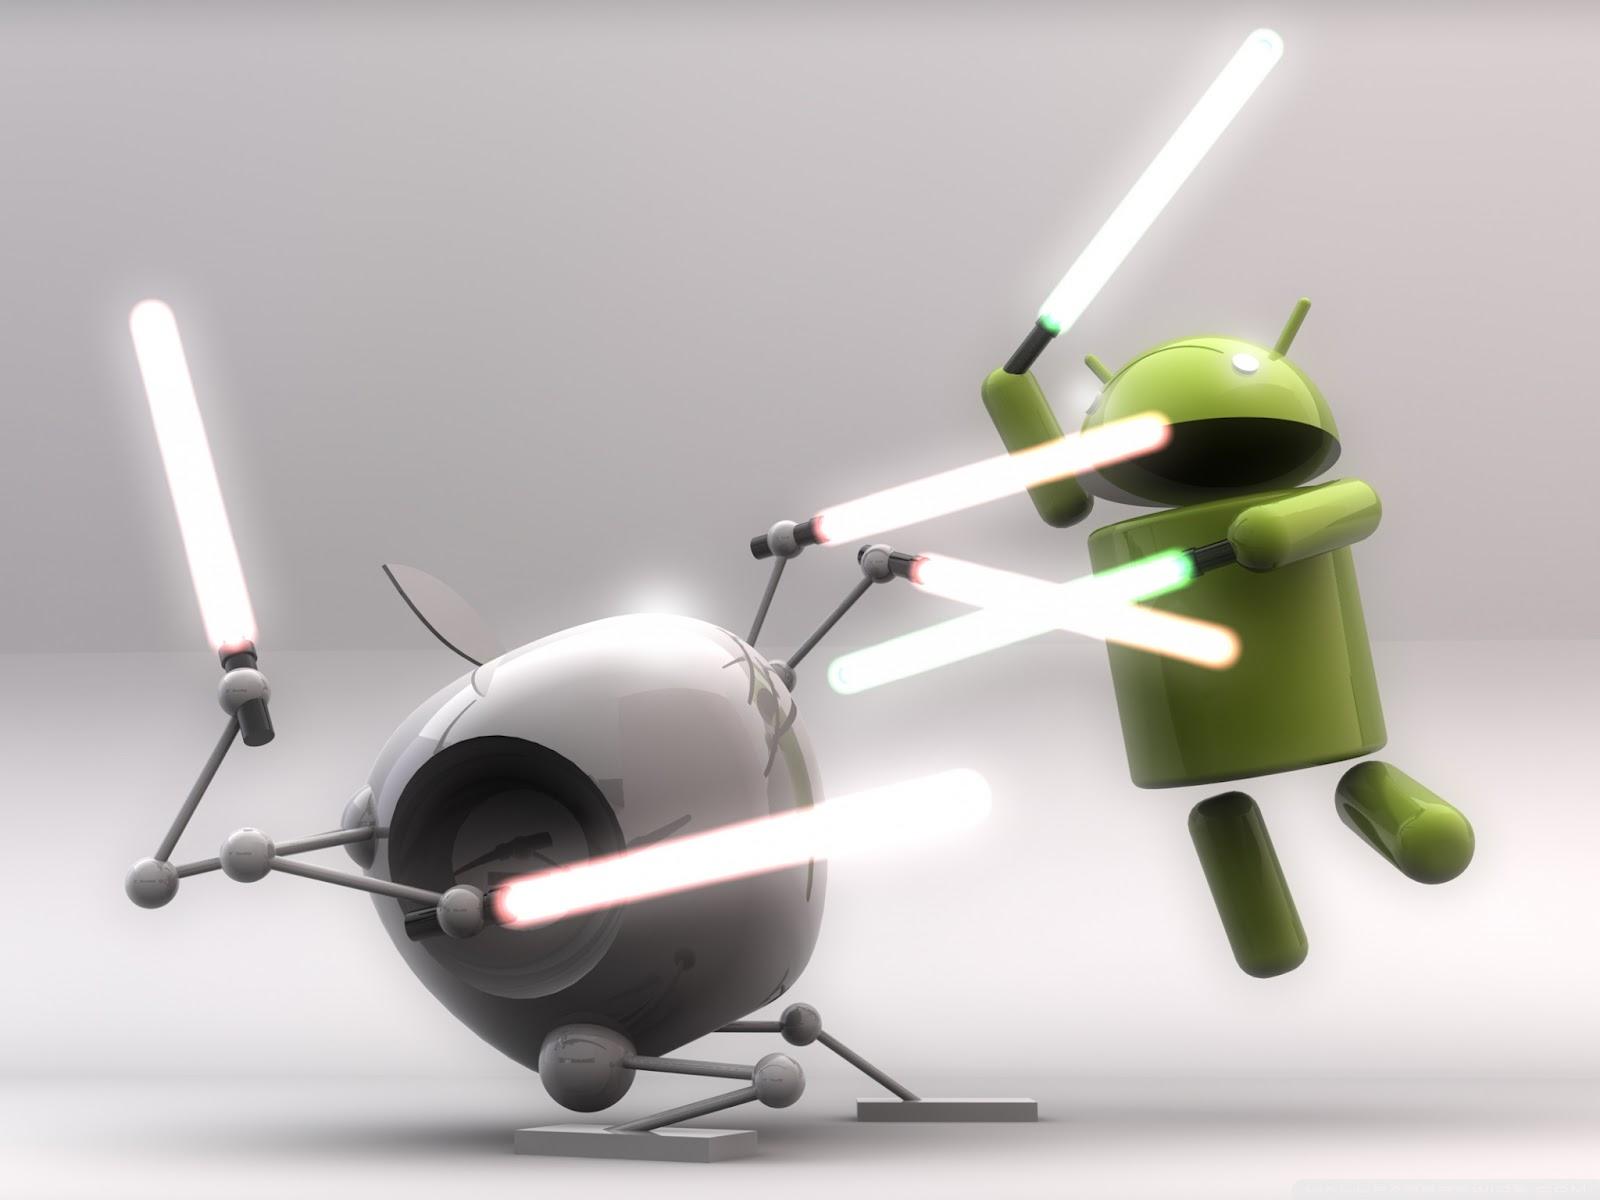 http://2.bp.blogspot.com/-ZuWt8kE1-lM/UDQg3uq3msI/AAAAAAAAEKM/lFRUjE8XGMQ/s1600/Funny+Android+wallpaper.jpg